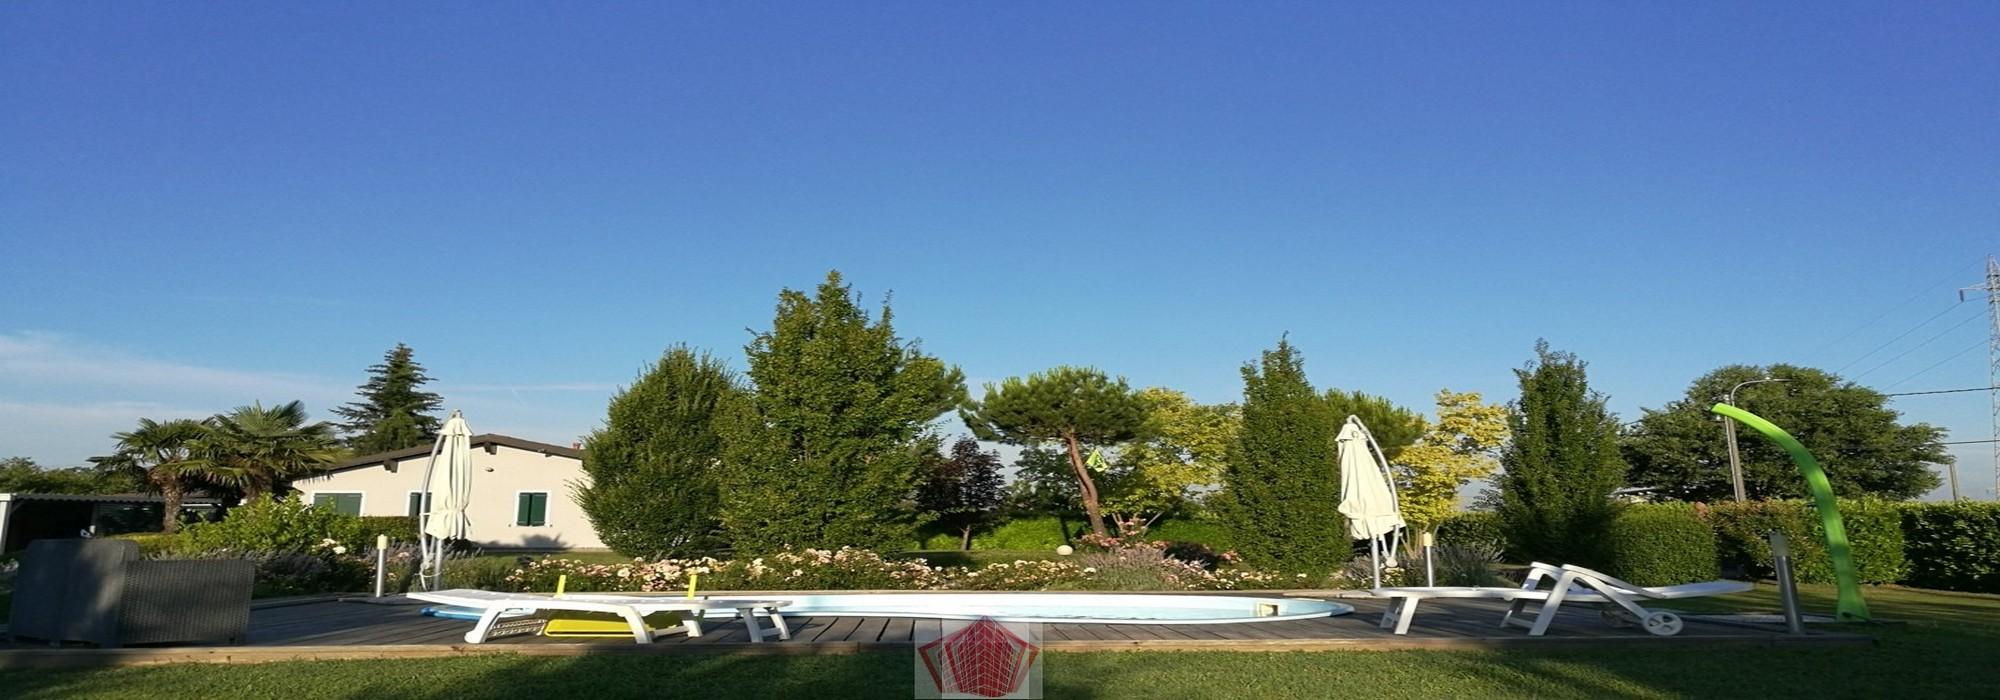 Broni PV VENDITA Elegante villa con piscina e parco privato Rif. 264